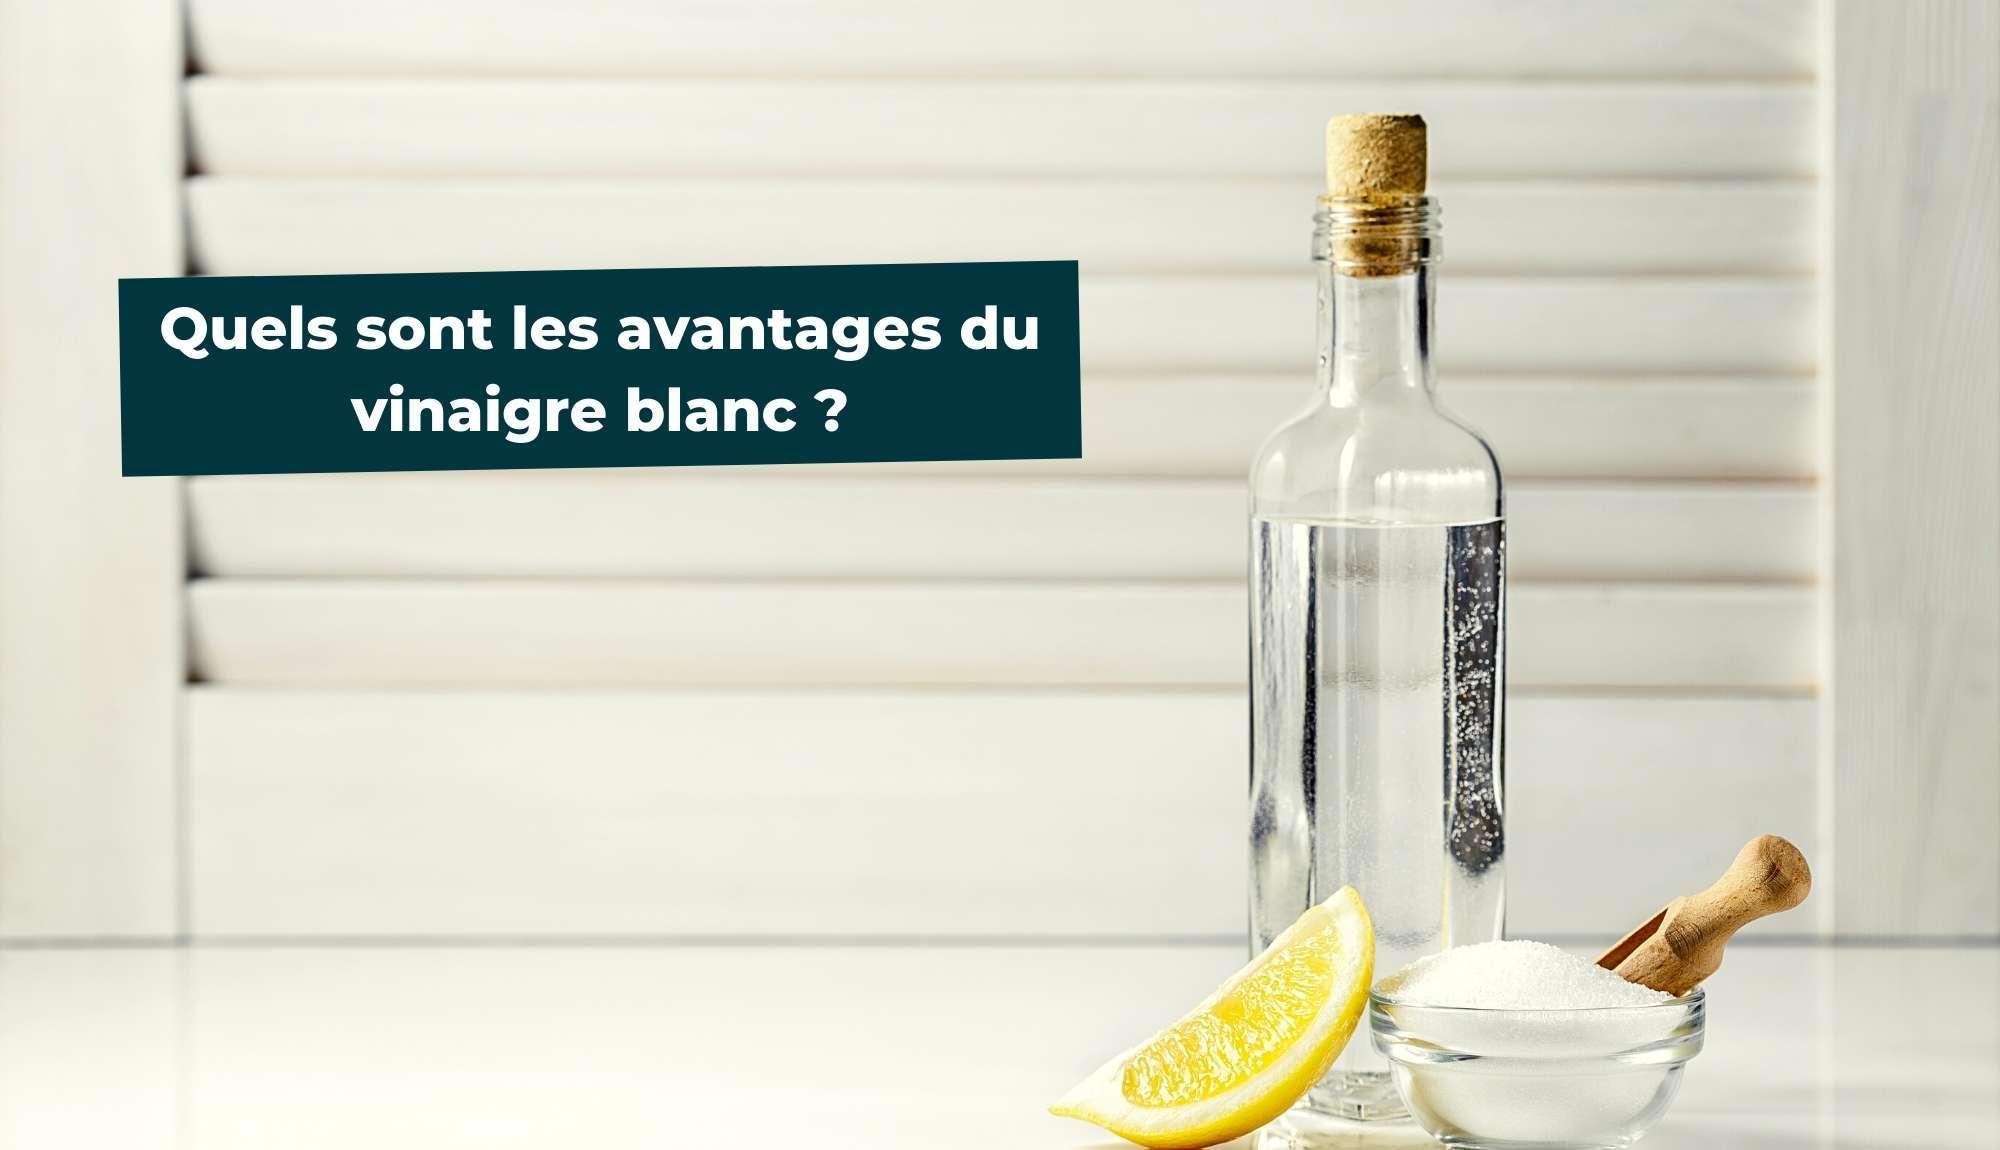 Quels sont les avantages du vinaigre blanc ?